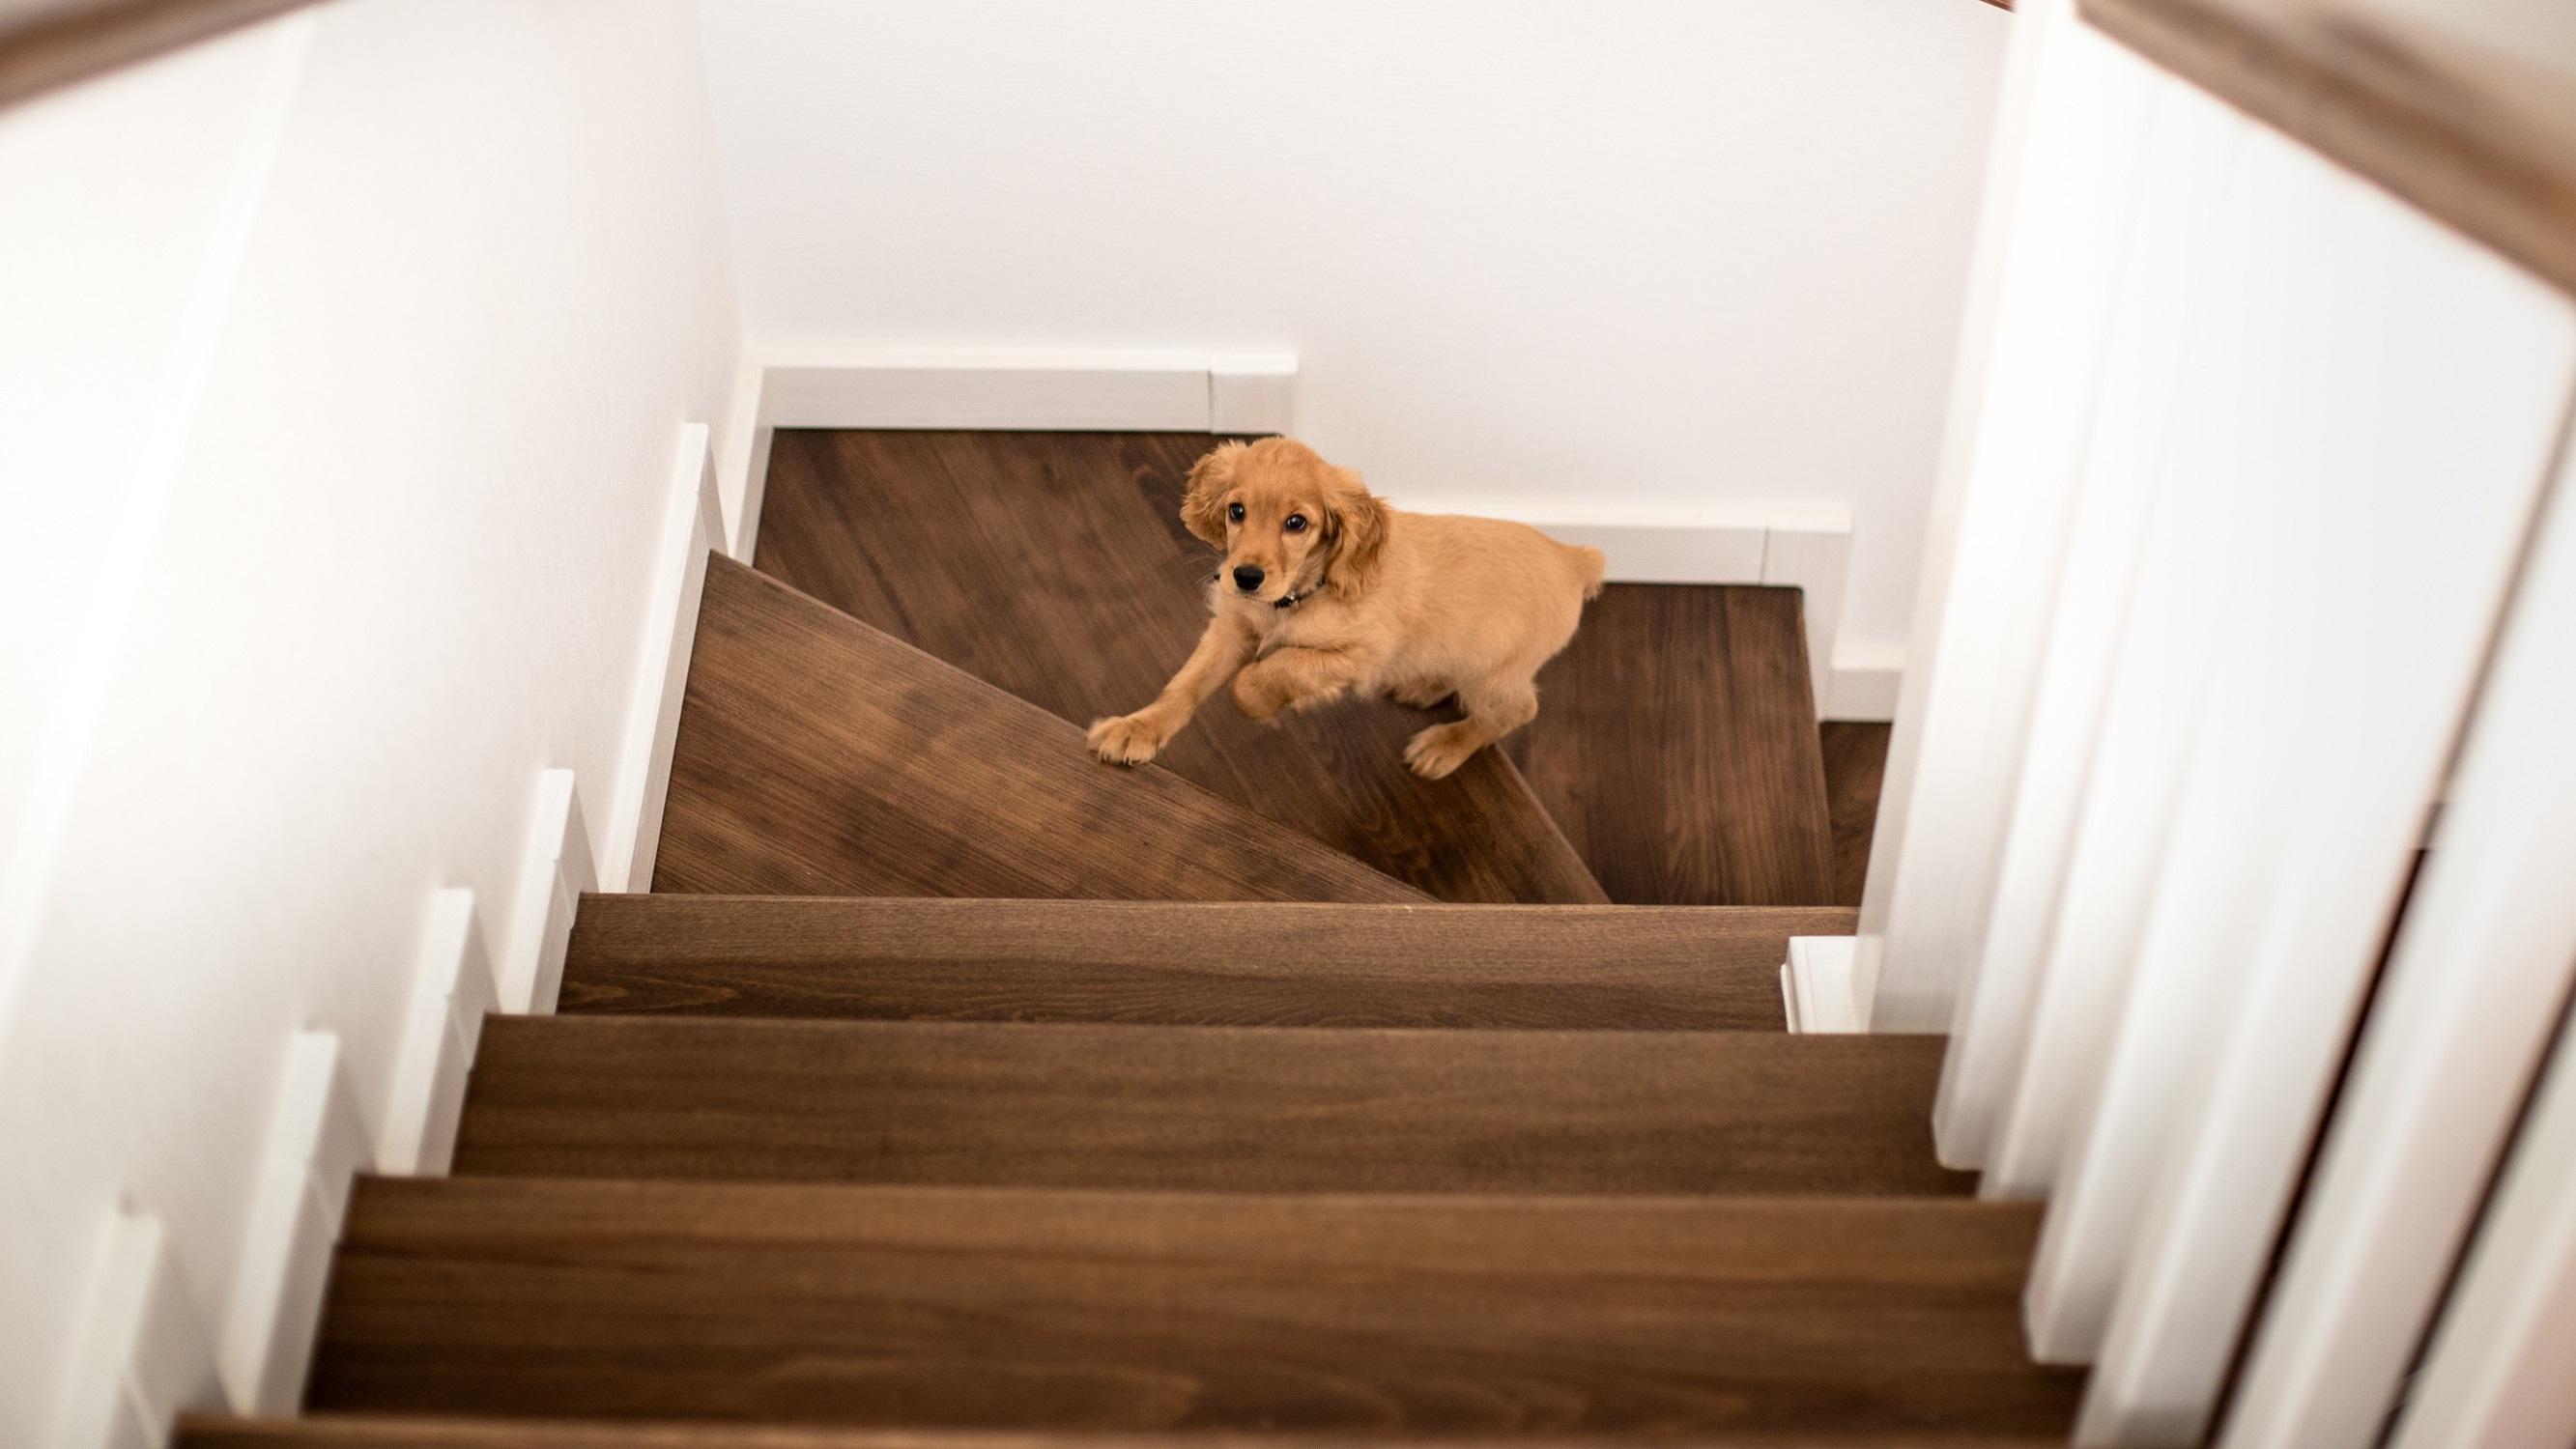 Lépcsőfelújítás egyszerűen, 100.000 mesterünk segítségével